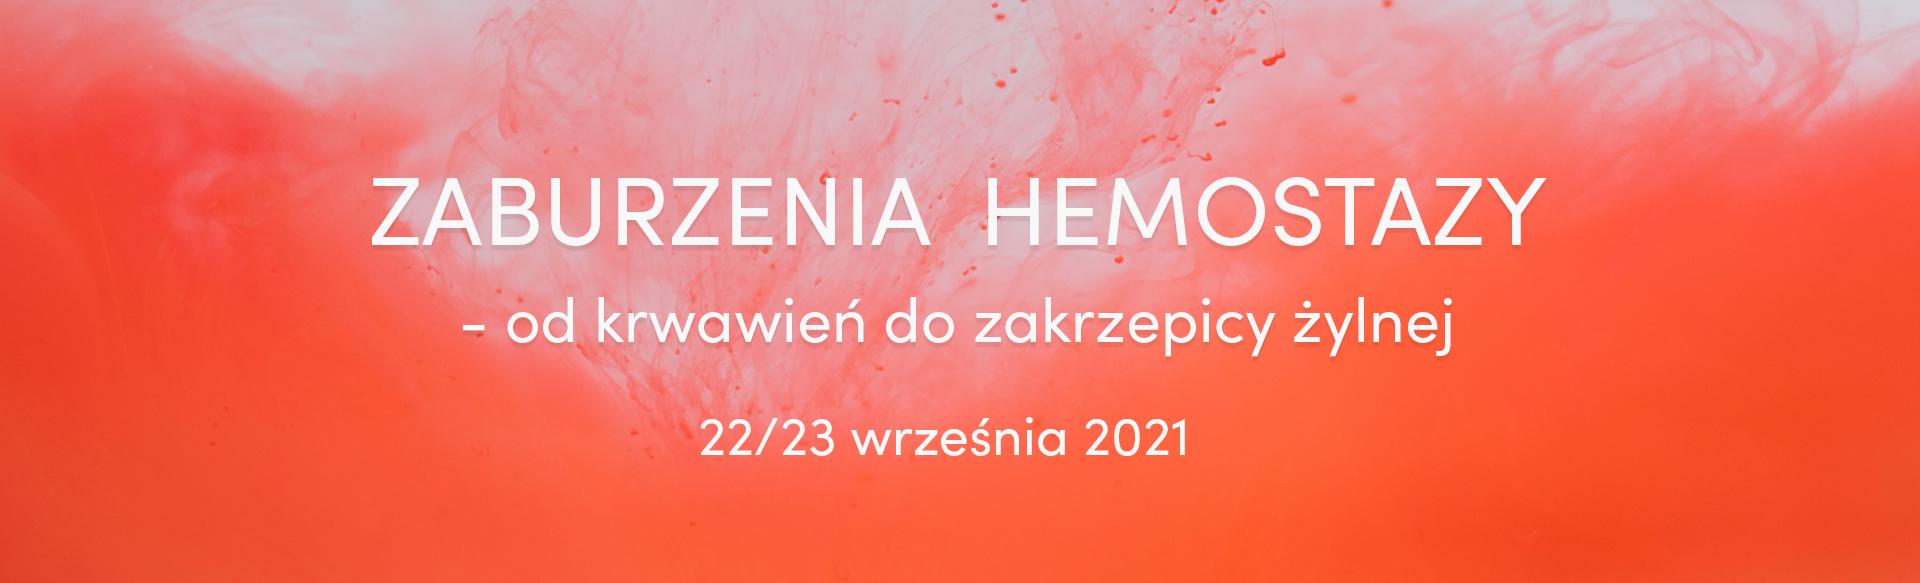 Zaburzenia hemostazy - od krwawień do zakrzepicy żylnej 2021